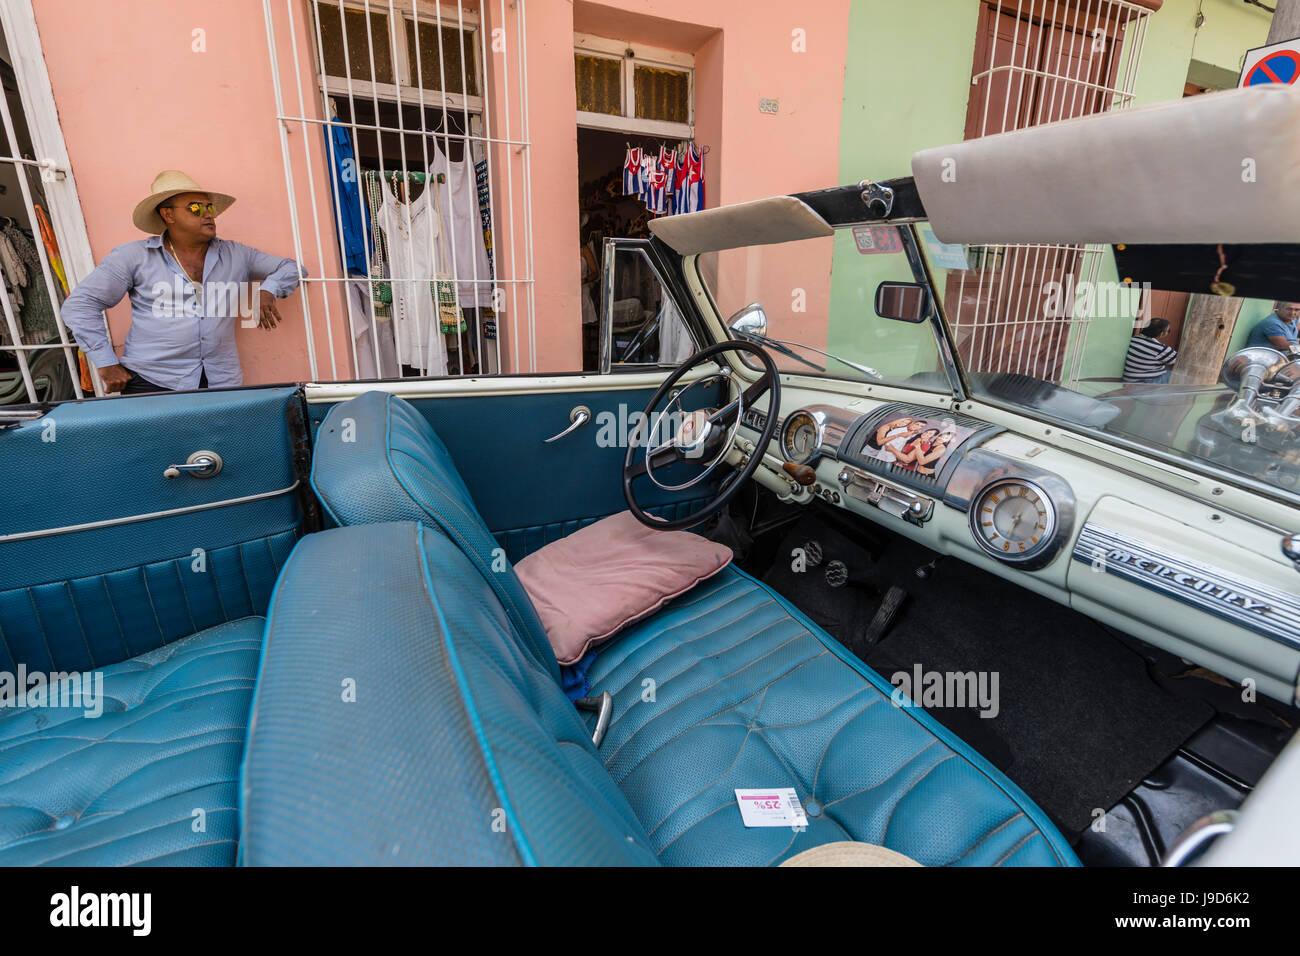 Un'annata 1948 mercurio otto americano auto funziona come un taxi, nella città di Trinidad, Cuba, West Immagini Stock